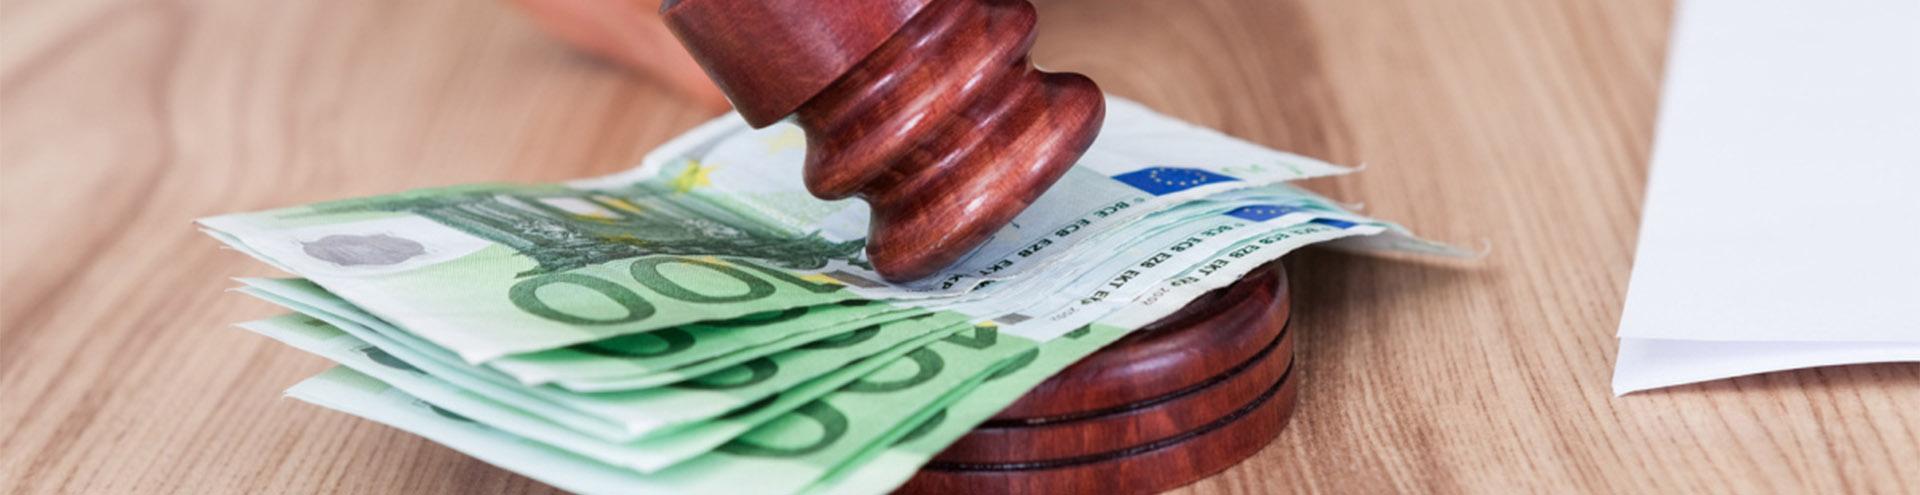 судебные расходы в Краснодаре